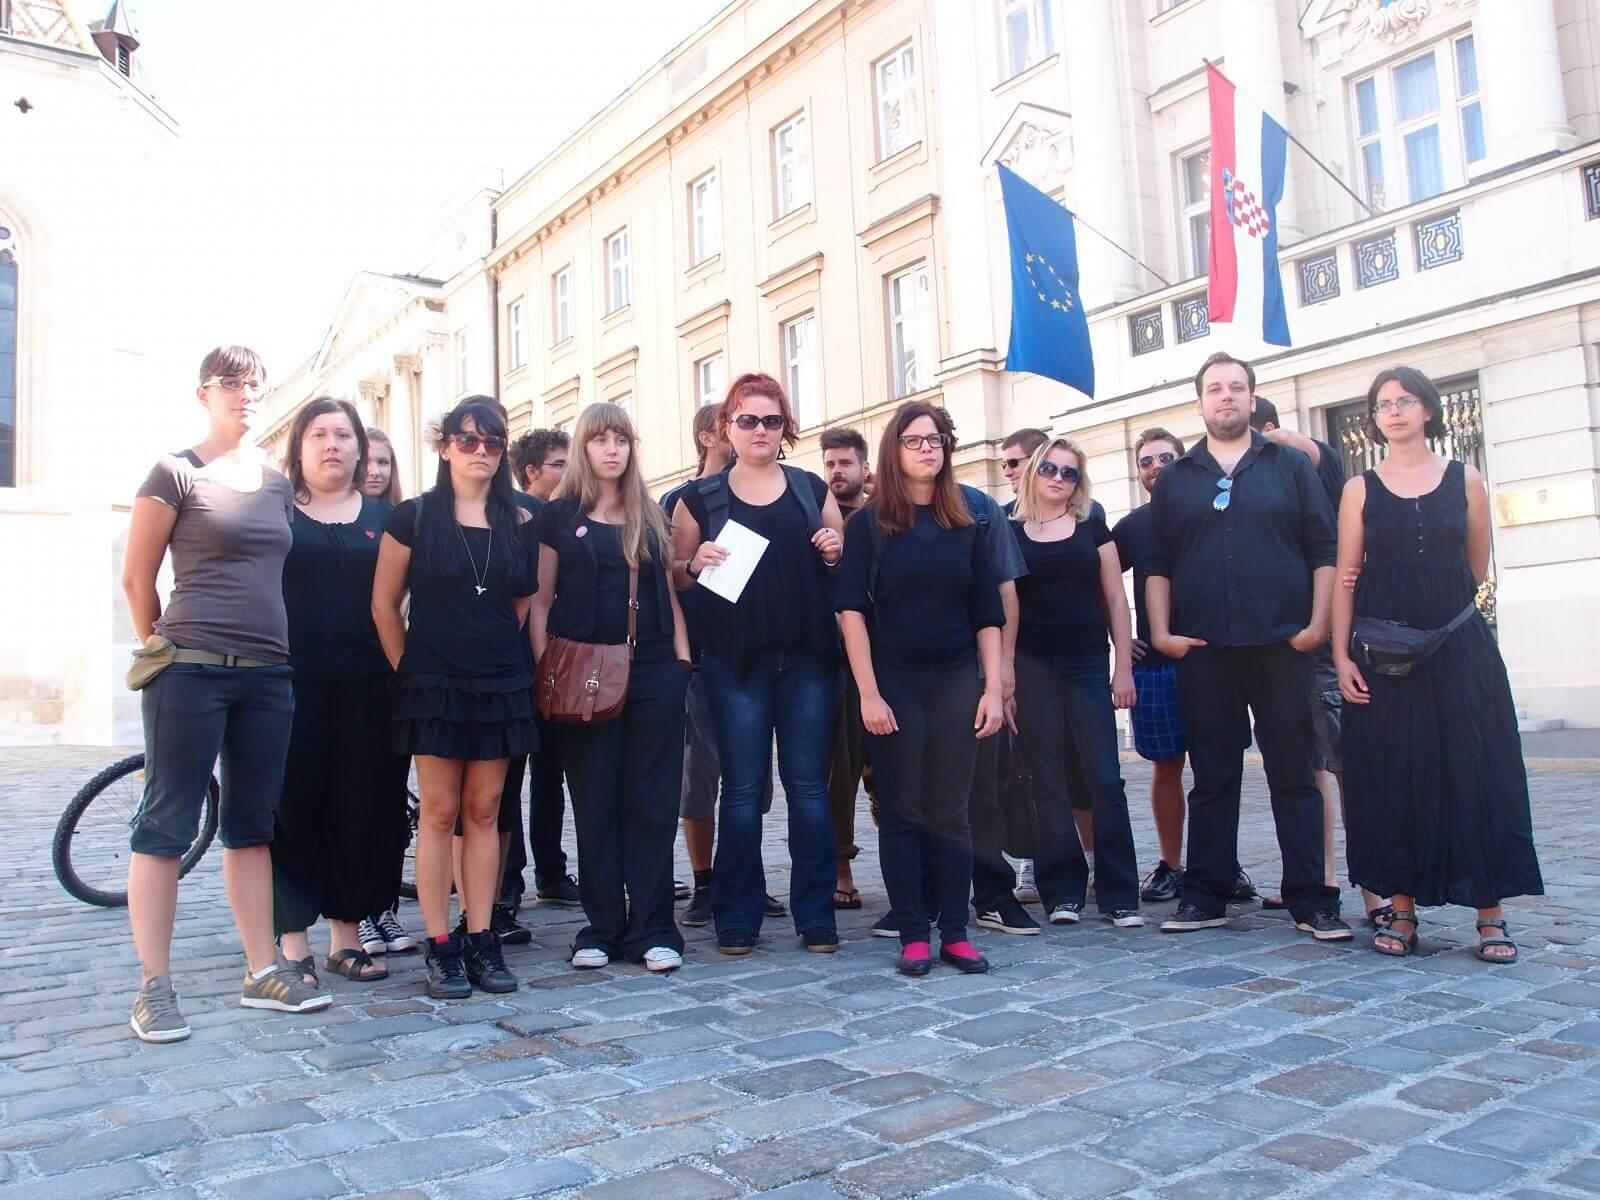 Mreža mladih Hrvatske pred Saborom ukazala na lošu politiku prema mladima